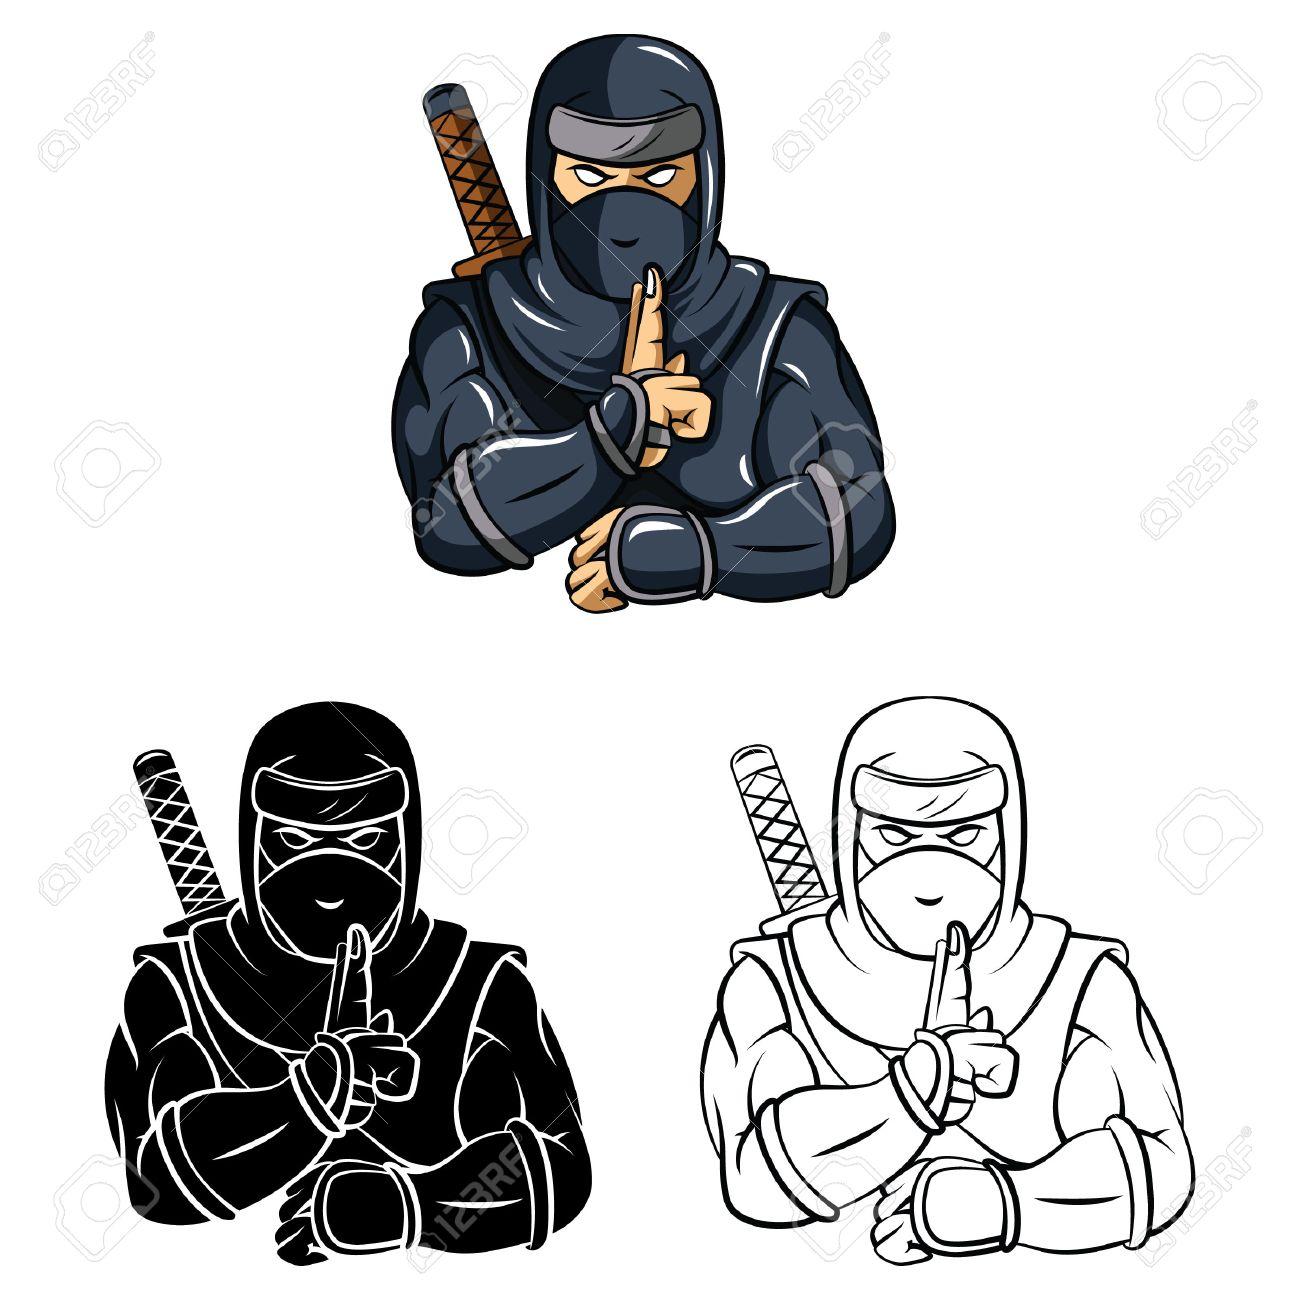 Personnage De Dessin Anime Ninja Livre De Coloriage Clip Art Libres De Droits Vecteurs Et Illustration Image 37586158